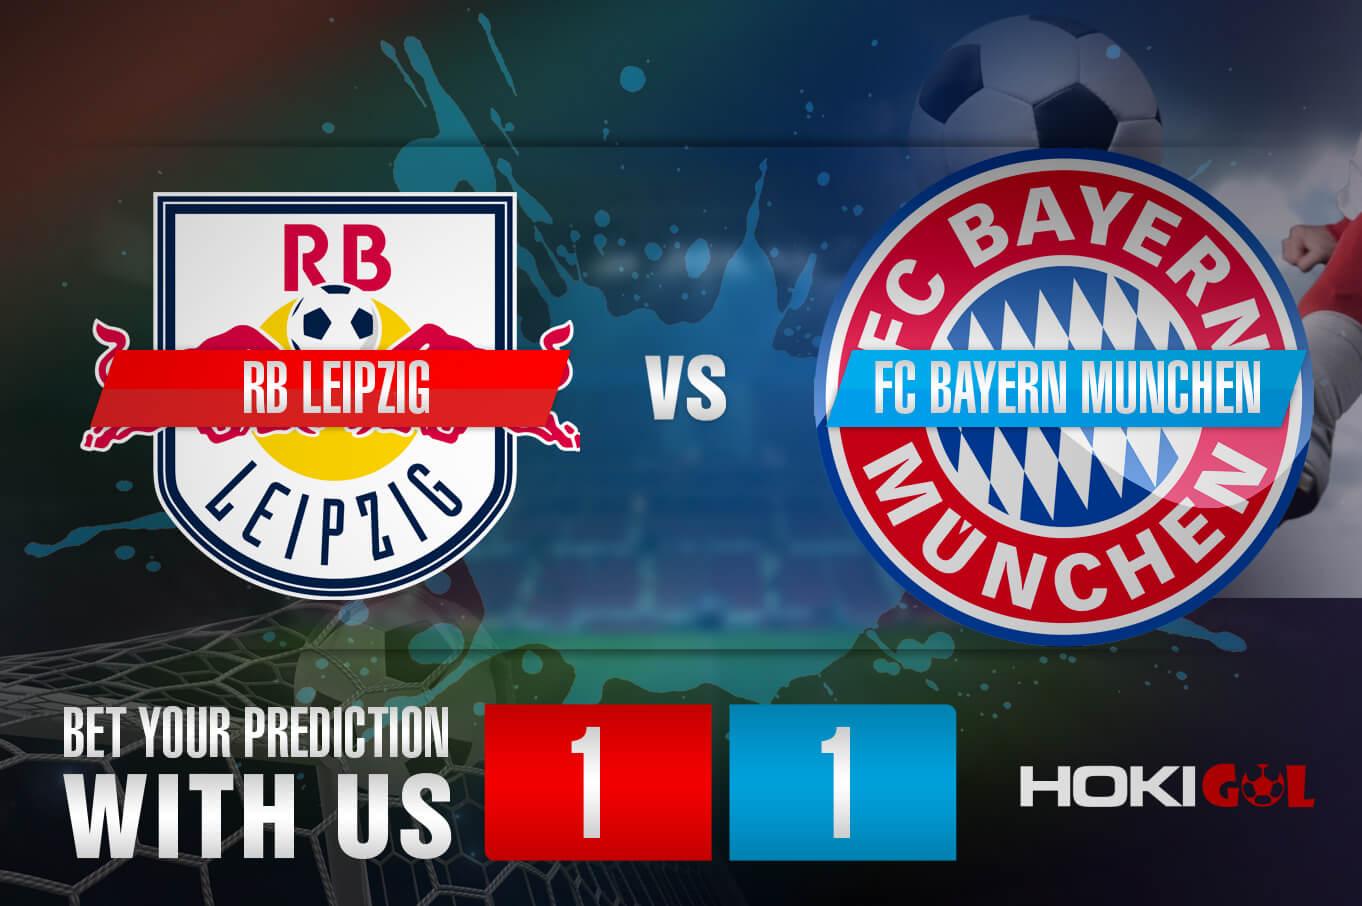 Prediksi Bola RB Leipzig Vs FC Bayern Munchen 3 April 2021